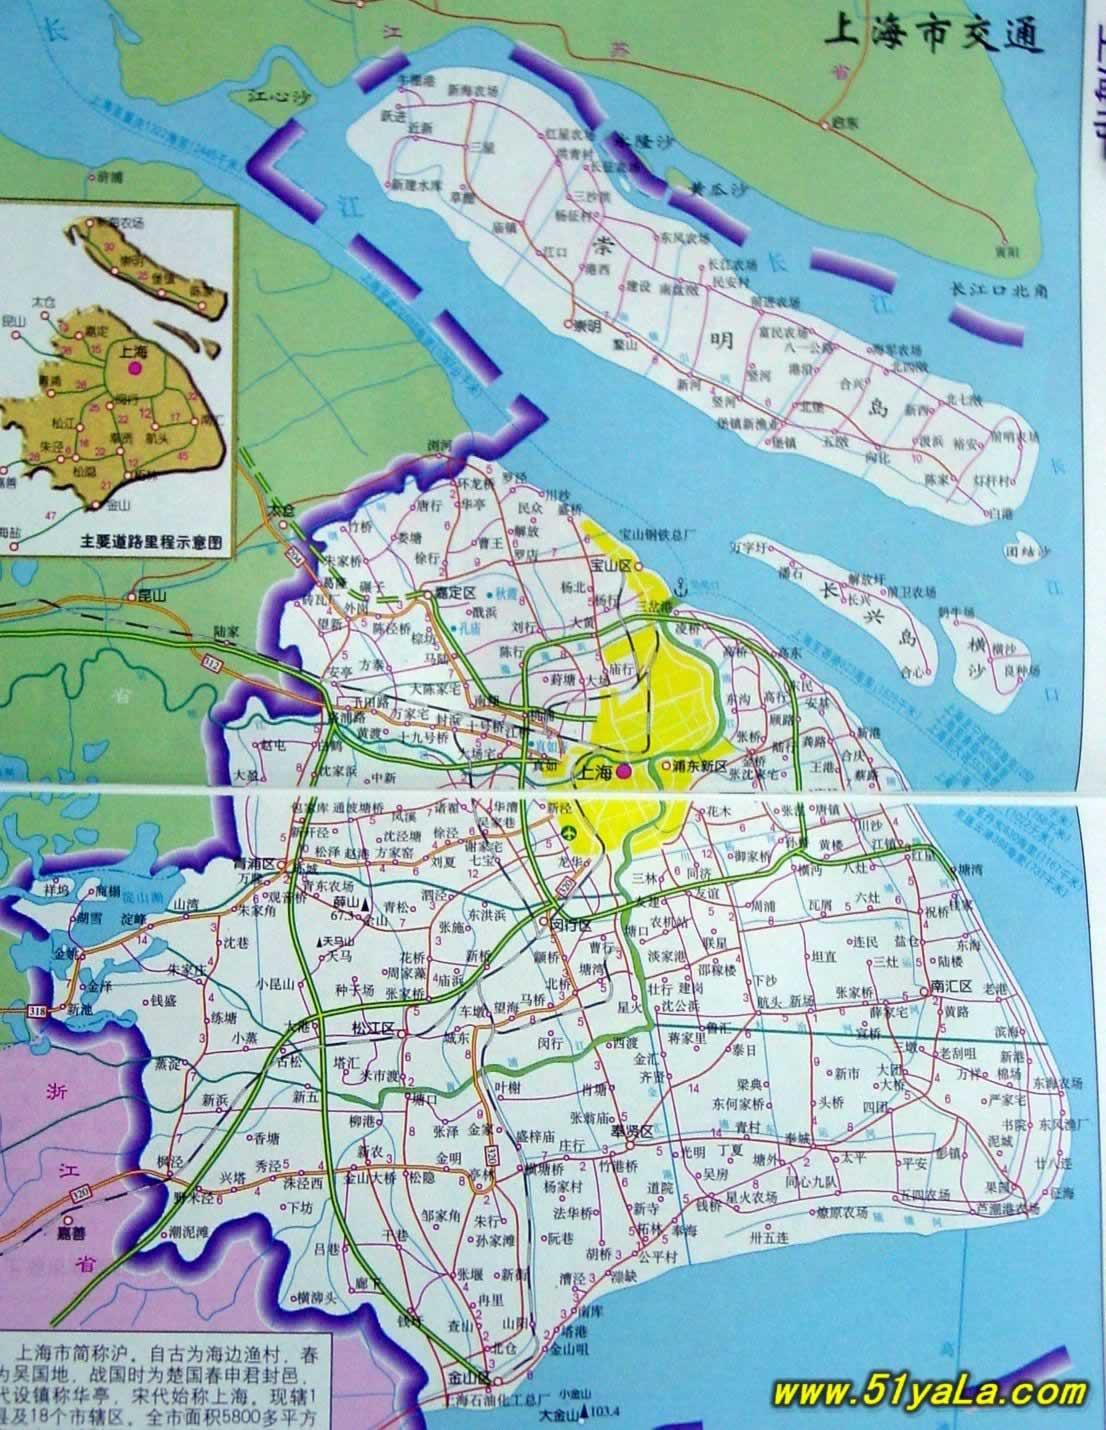 青浦区天气_上海旅游地图 上海旅游地图介绍 上海旅游地图网 中国旅游网